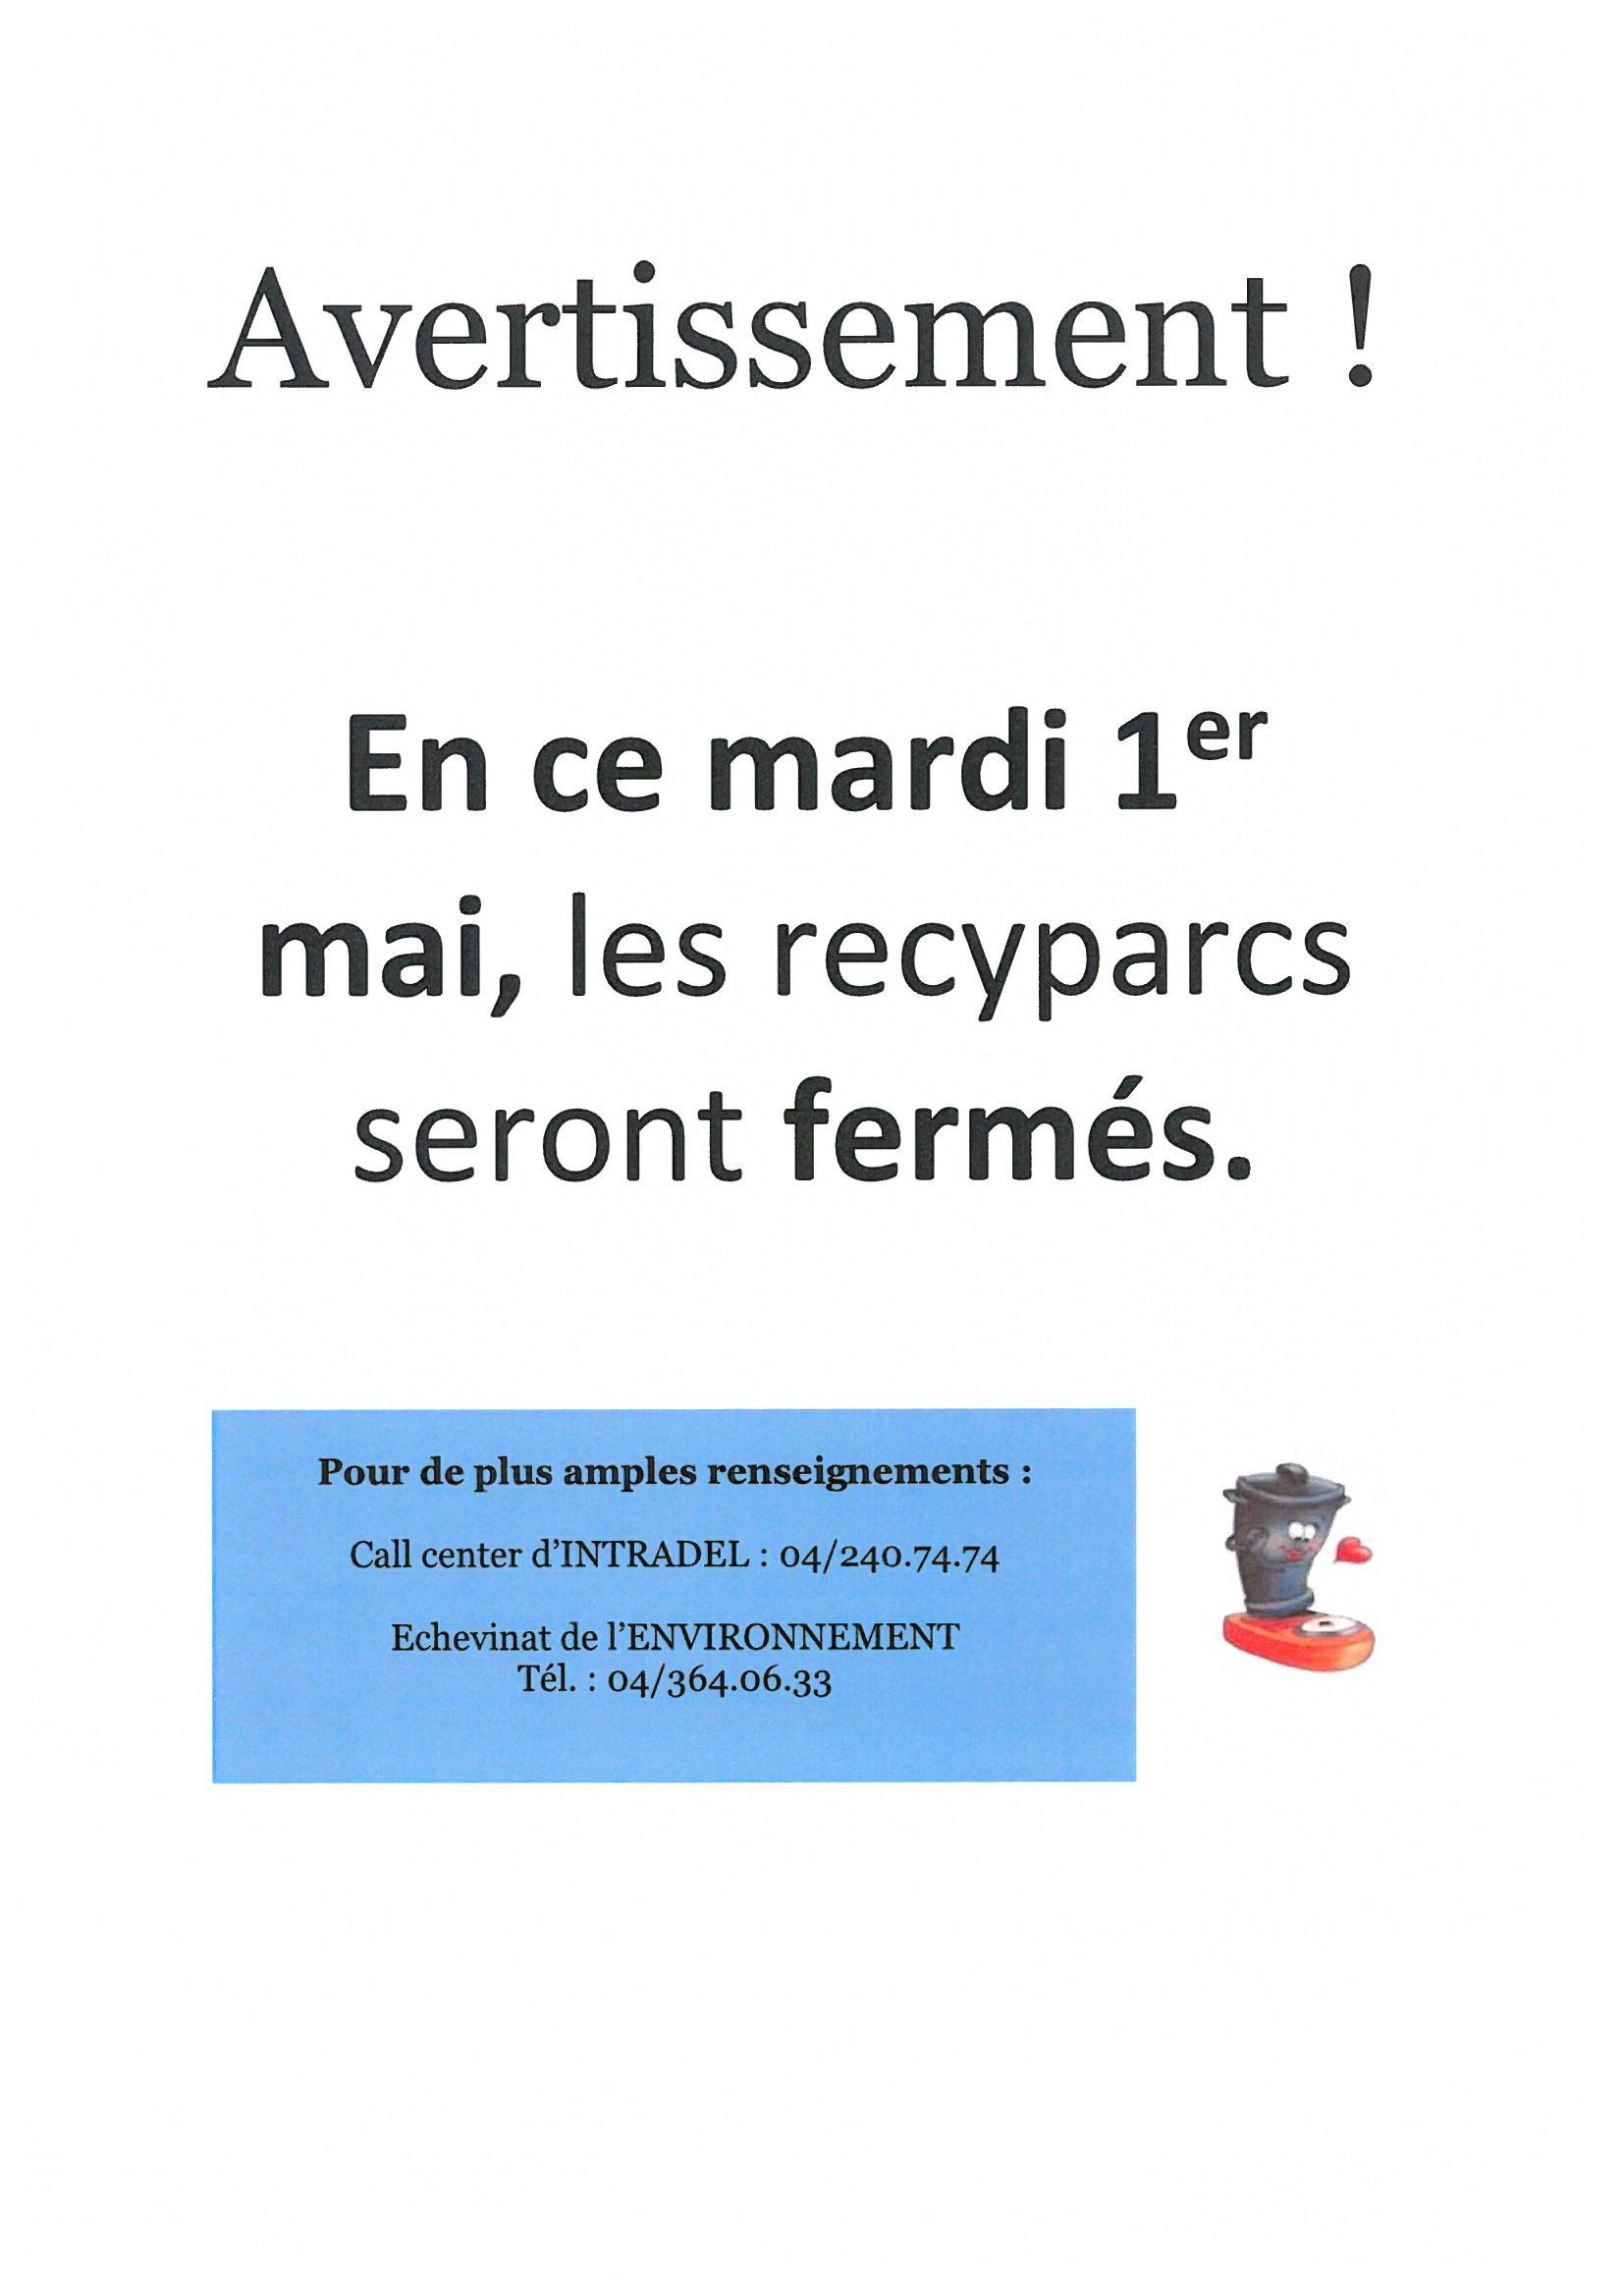 Fermeture des recyparcs le 1er mai 2018